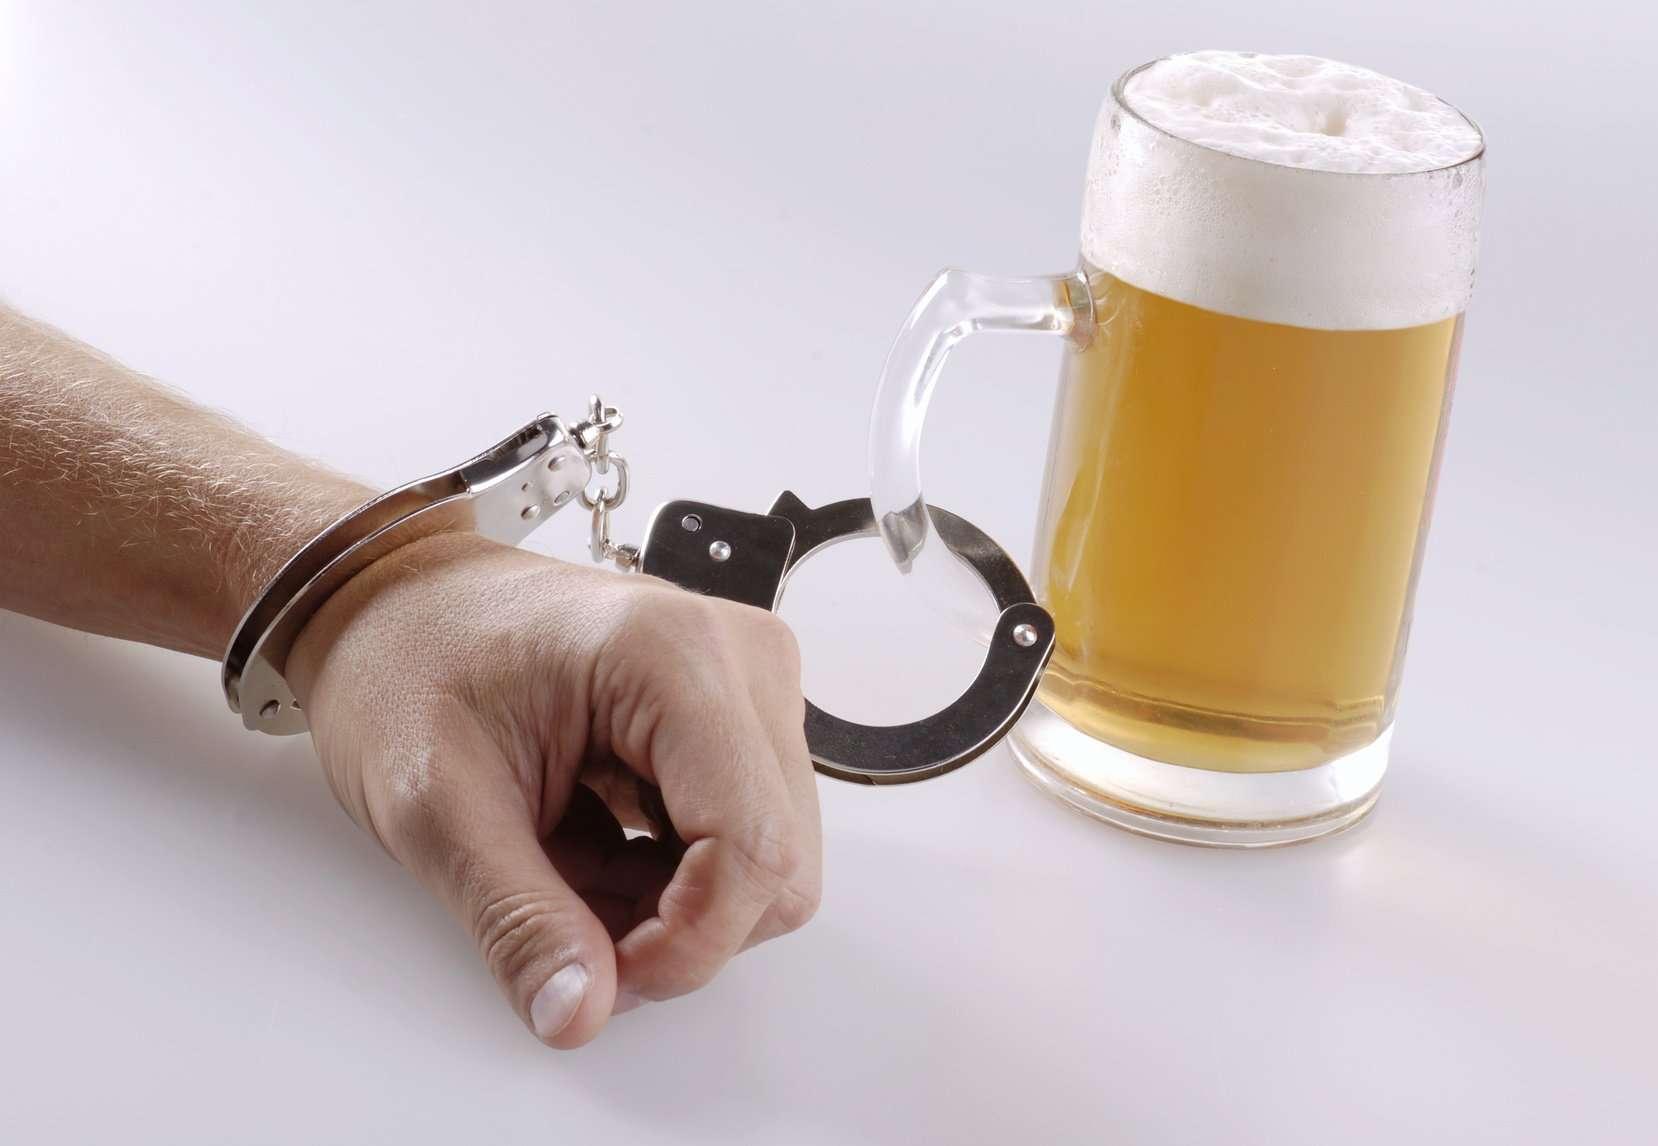 Способы, как отказаться от употребления пива мужчине и женщине: рассмотрим развернуто